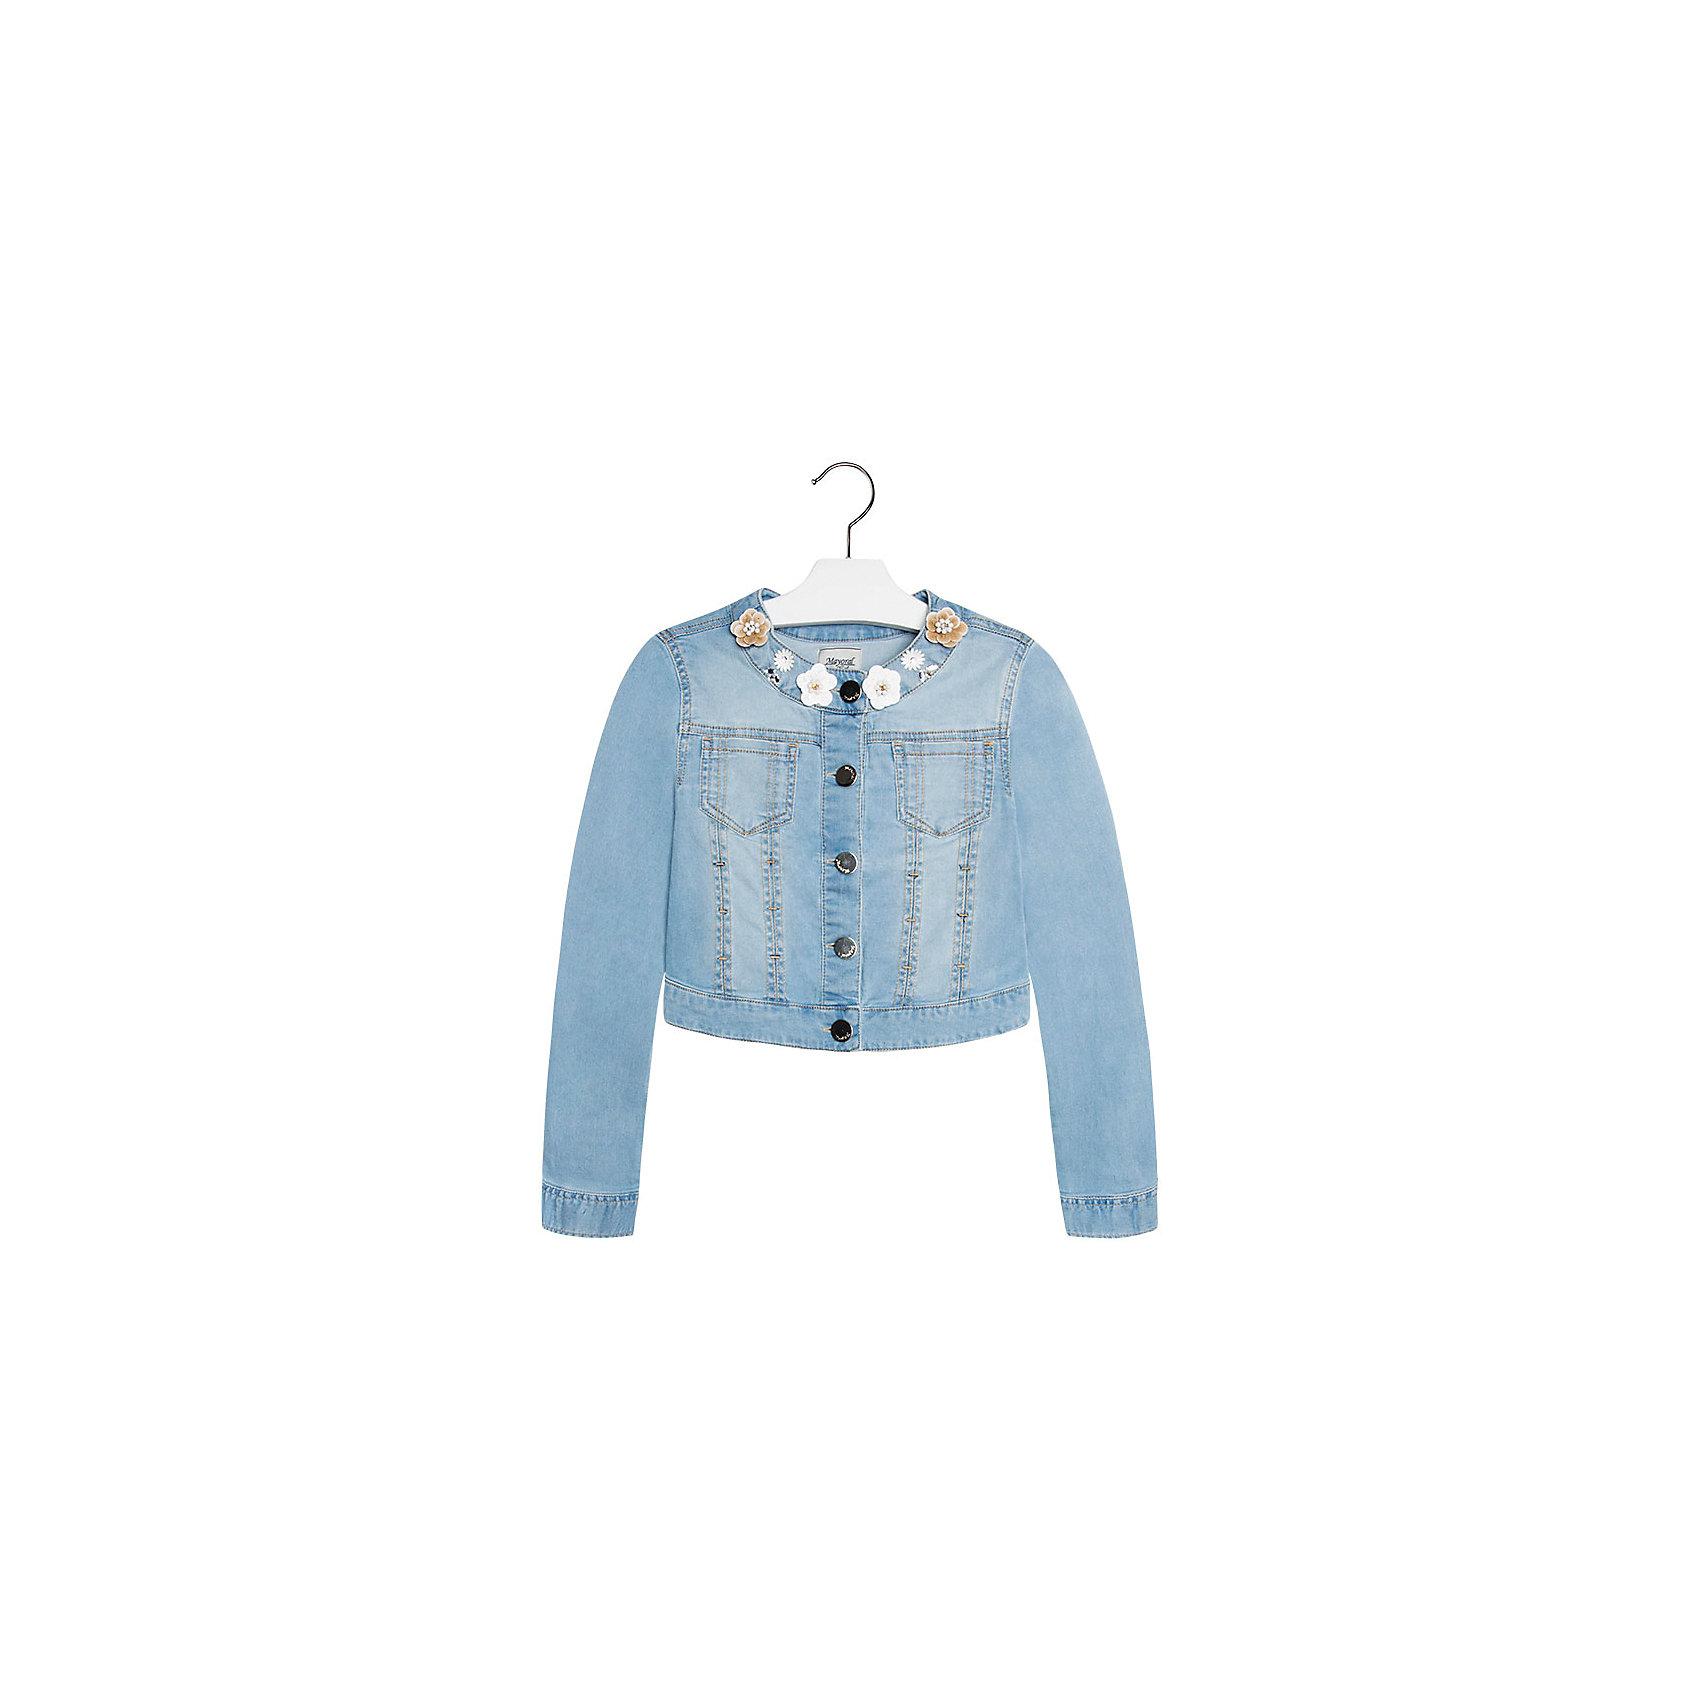 Куртка джинсовая для девочки MayoralВерхняя одежда<br>Куртка для девочки от известной испанской марки Mayoral подчеркнет индивидуальность юной модницы. <br><br>Дополнительная информация:<br><br>- Стильный дизайн.<br>- Застегивается на молнию.<br>- Манжеты рукавов на пуговицах.<br>- 2 кармана на груди.<br>- Аппликация в виде цветов.<br>- Ассиметричный низ (сзади короче). <br>- Состав: 98% хлопок, 2% эластан. <br><br>Куртку для девочки Mayoral (Майорал) можно купить в нашем магазине.<br><br>Ширина мм: 356<br>Глубина мм: 10<br>Высота мм: 245<br>Вес г: 519<br>Цвет: синий<br>Возраст от месяцев: 132<br>Возраст до месяцев: 144<br>Пол: Женский<br>Возраст: Детский<br>Размер: 128,170,158,164,152,140<br>SKU: 4538510